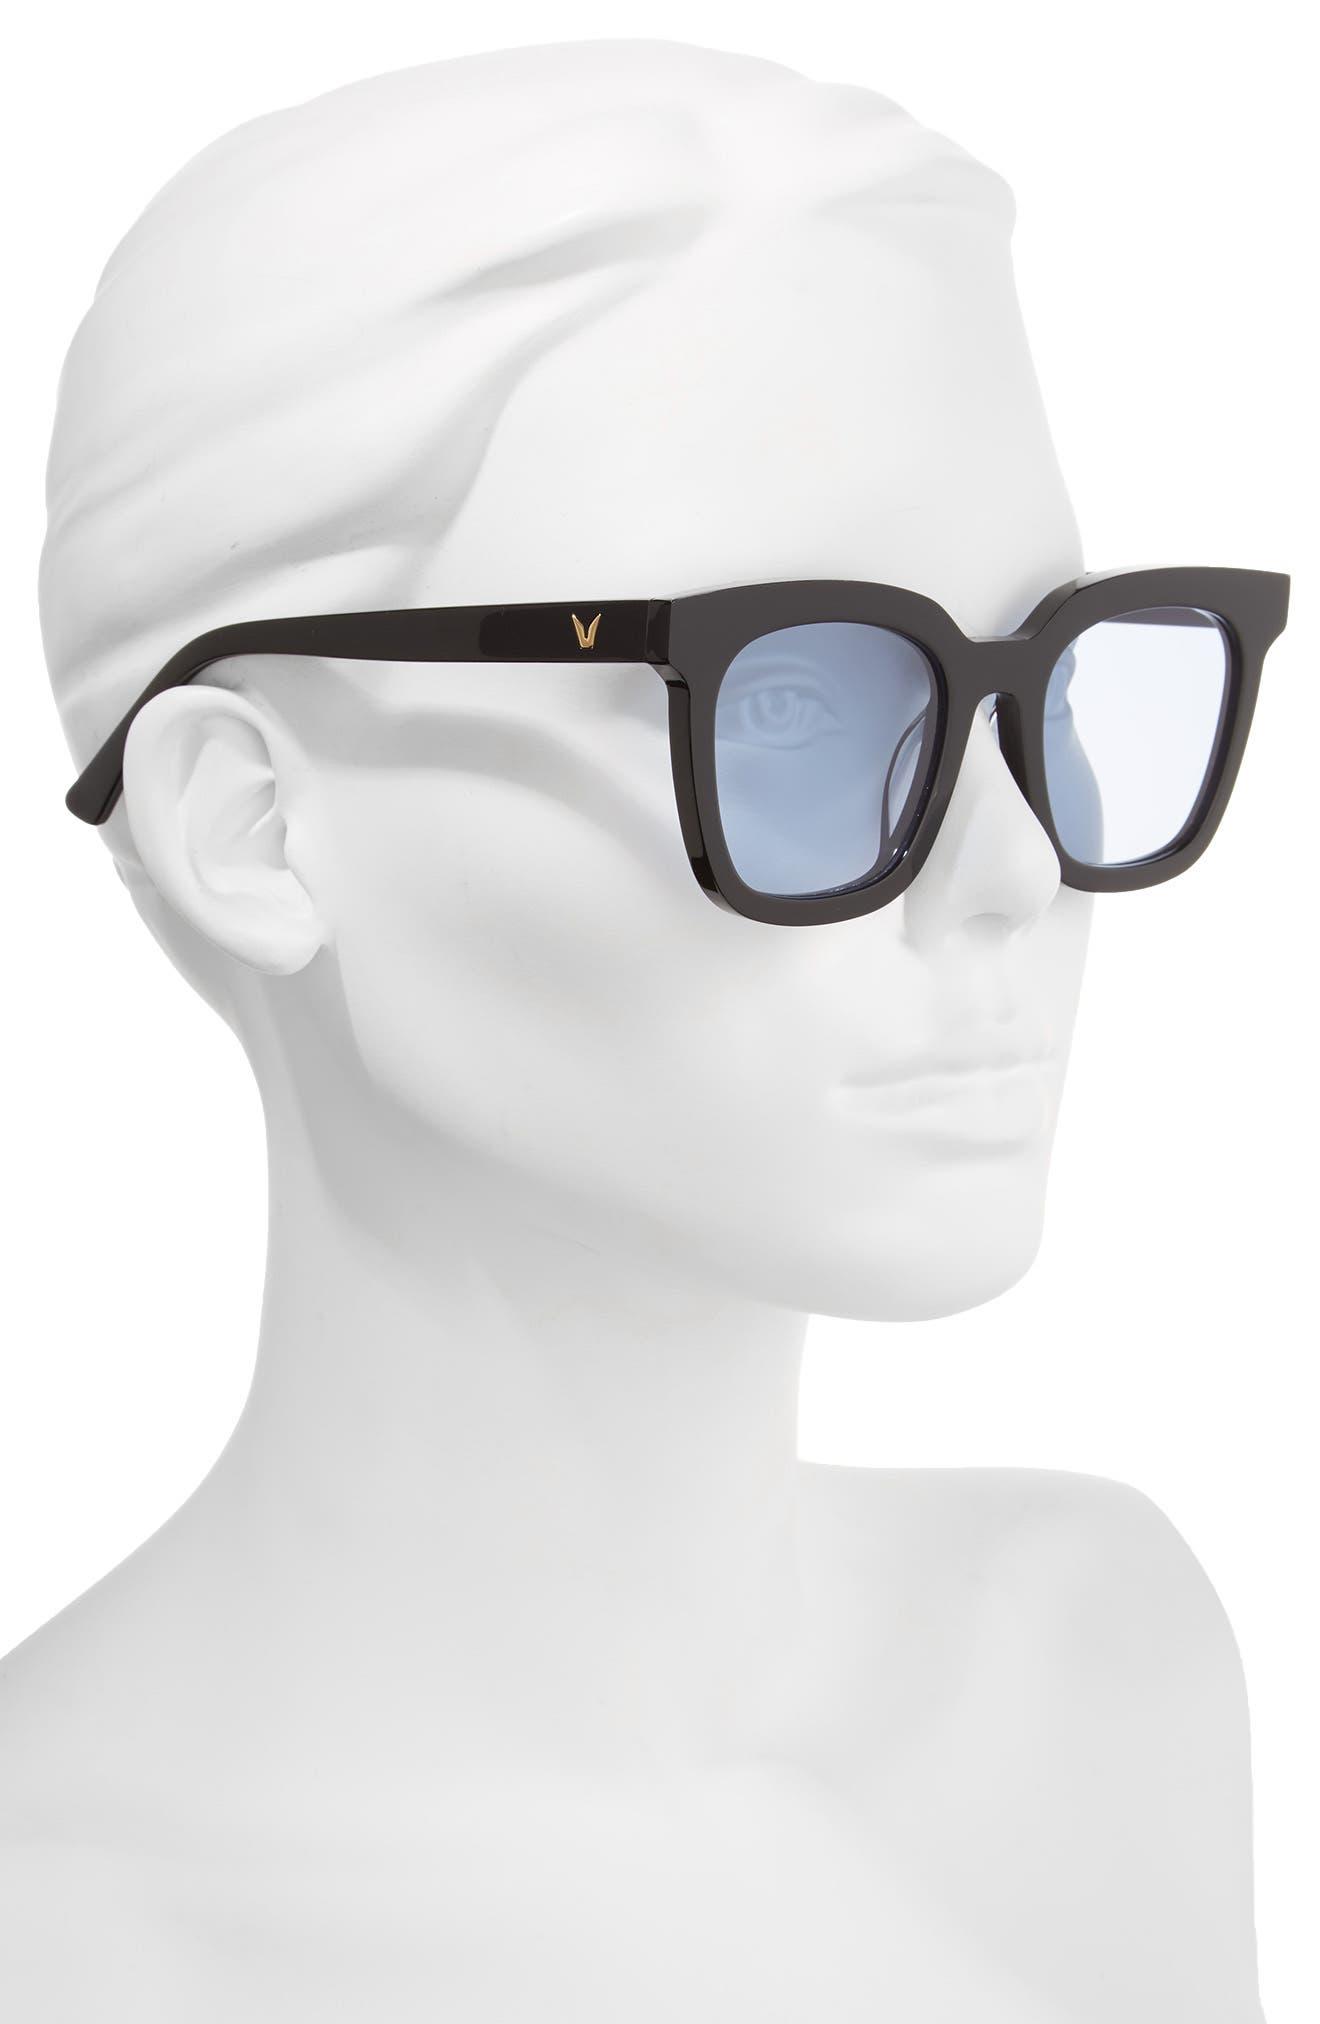 Finn 51mm Sunglasses,                             Alternate thumbnail 2, color,                             Black/ Blue